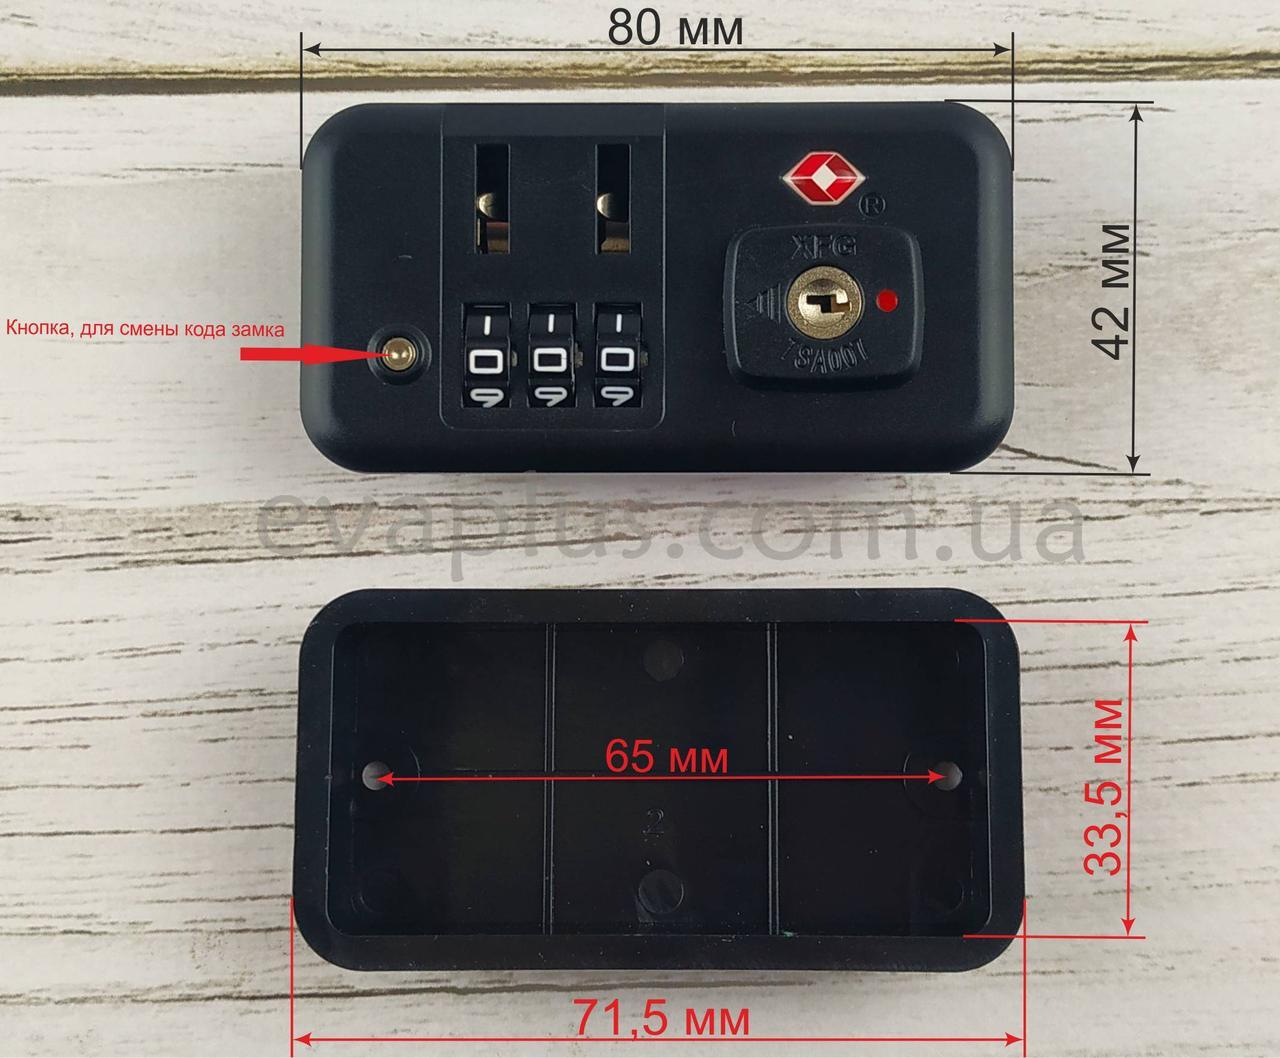 Кодовый замок для чемодана КД 31 (внутренний)